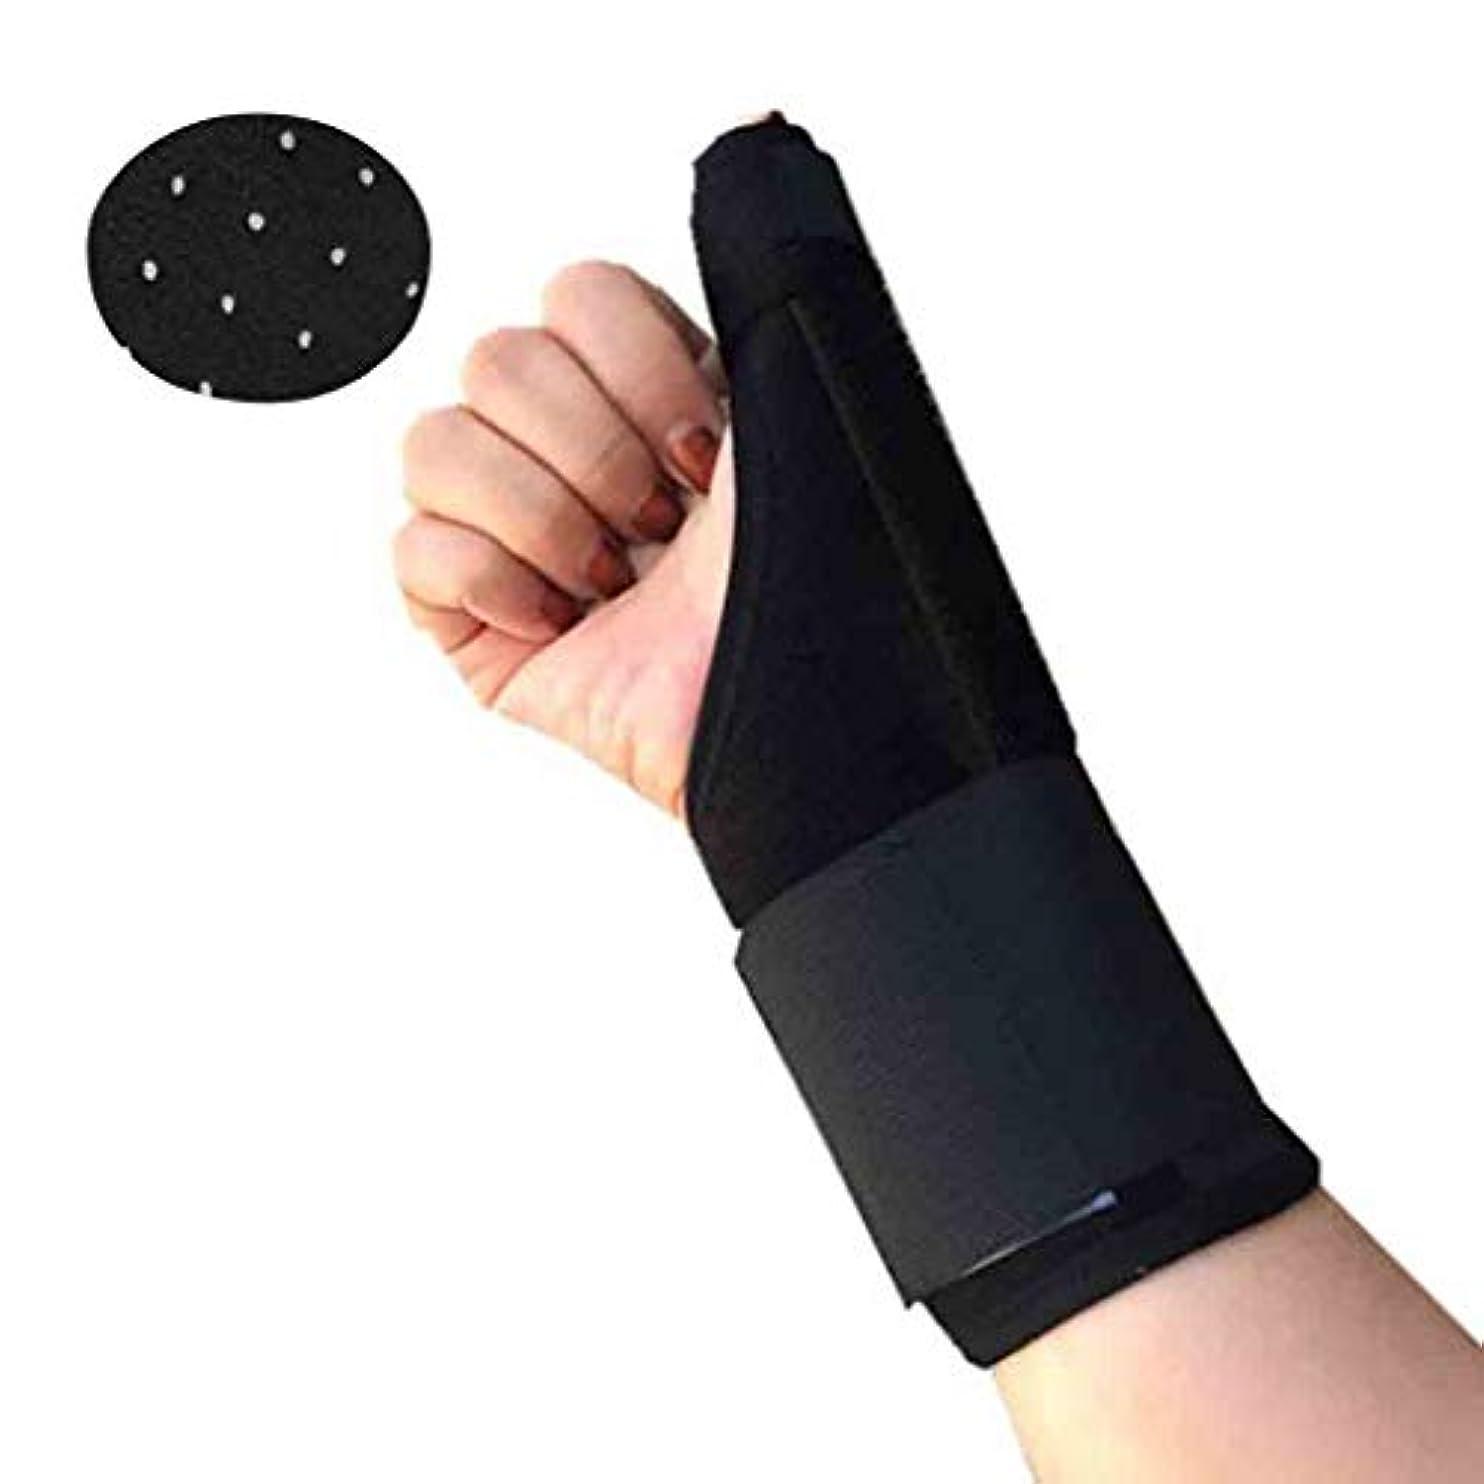 進化試みるアラブサラボ関節炎のThumbスプリントは、手根管トンネルのThumb関節Thumbブレースを固定する手首の痛みの救済は、右手と左手の両方にフィット Roscloud@